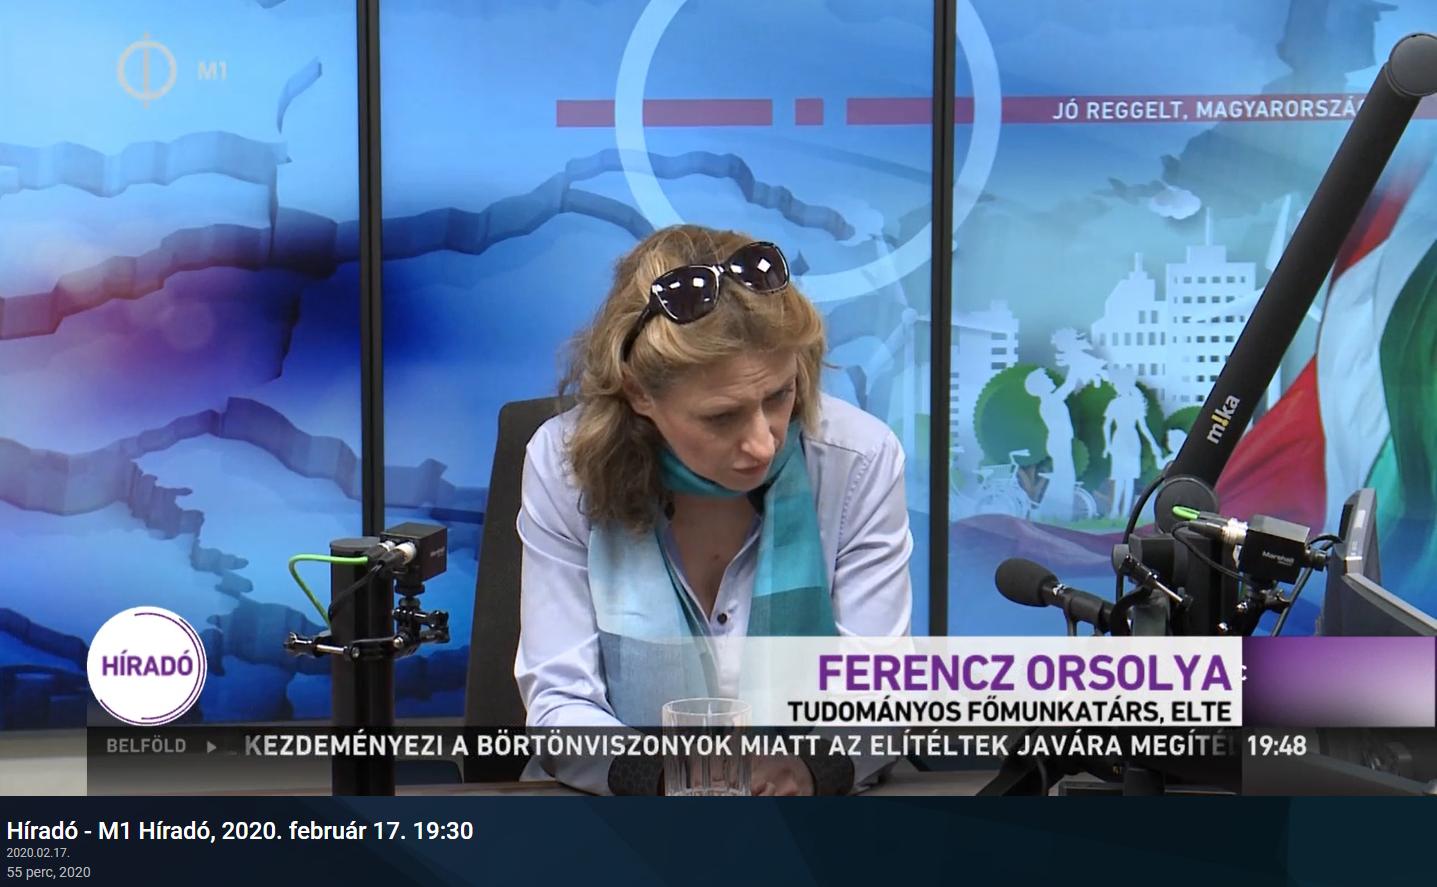 Valahogy pont fideszes politikusok bukkannak fel a közmédiában, hogy szakértőként bemutatva beszéljenek Orbán évértékelőjéről